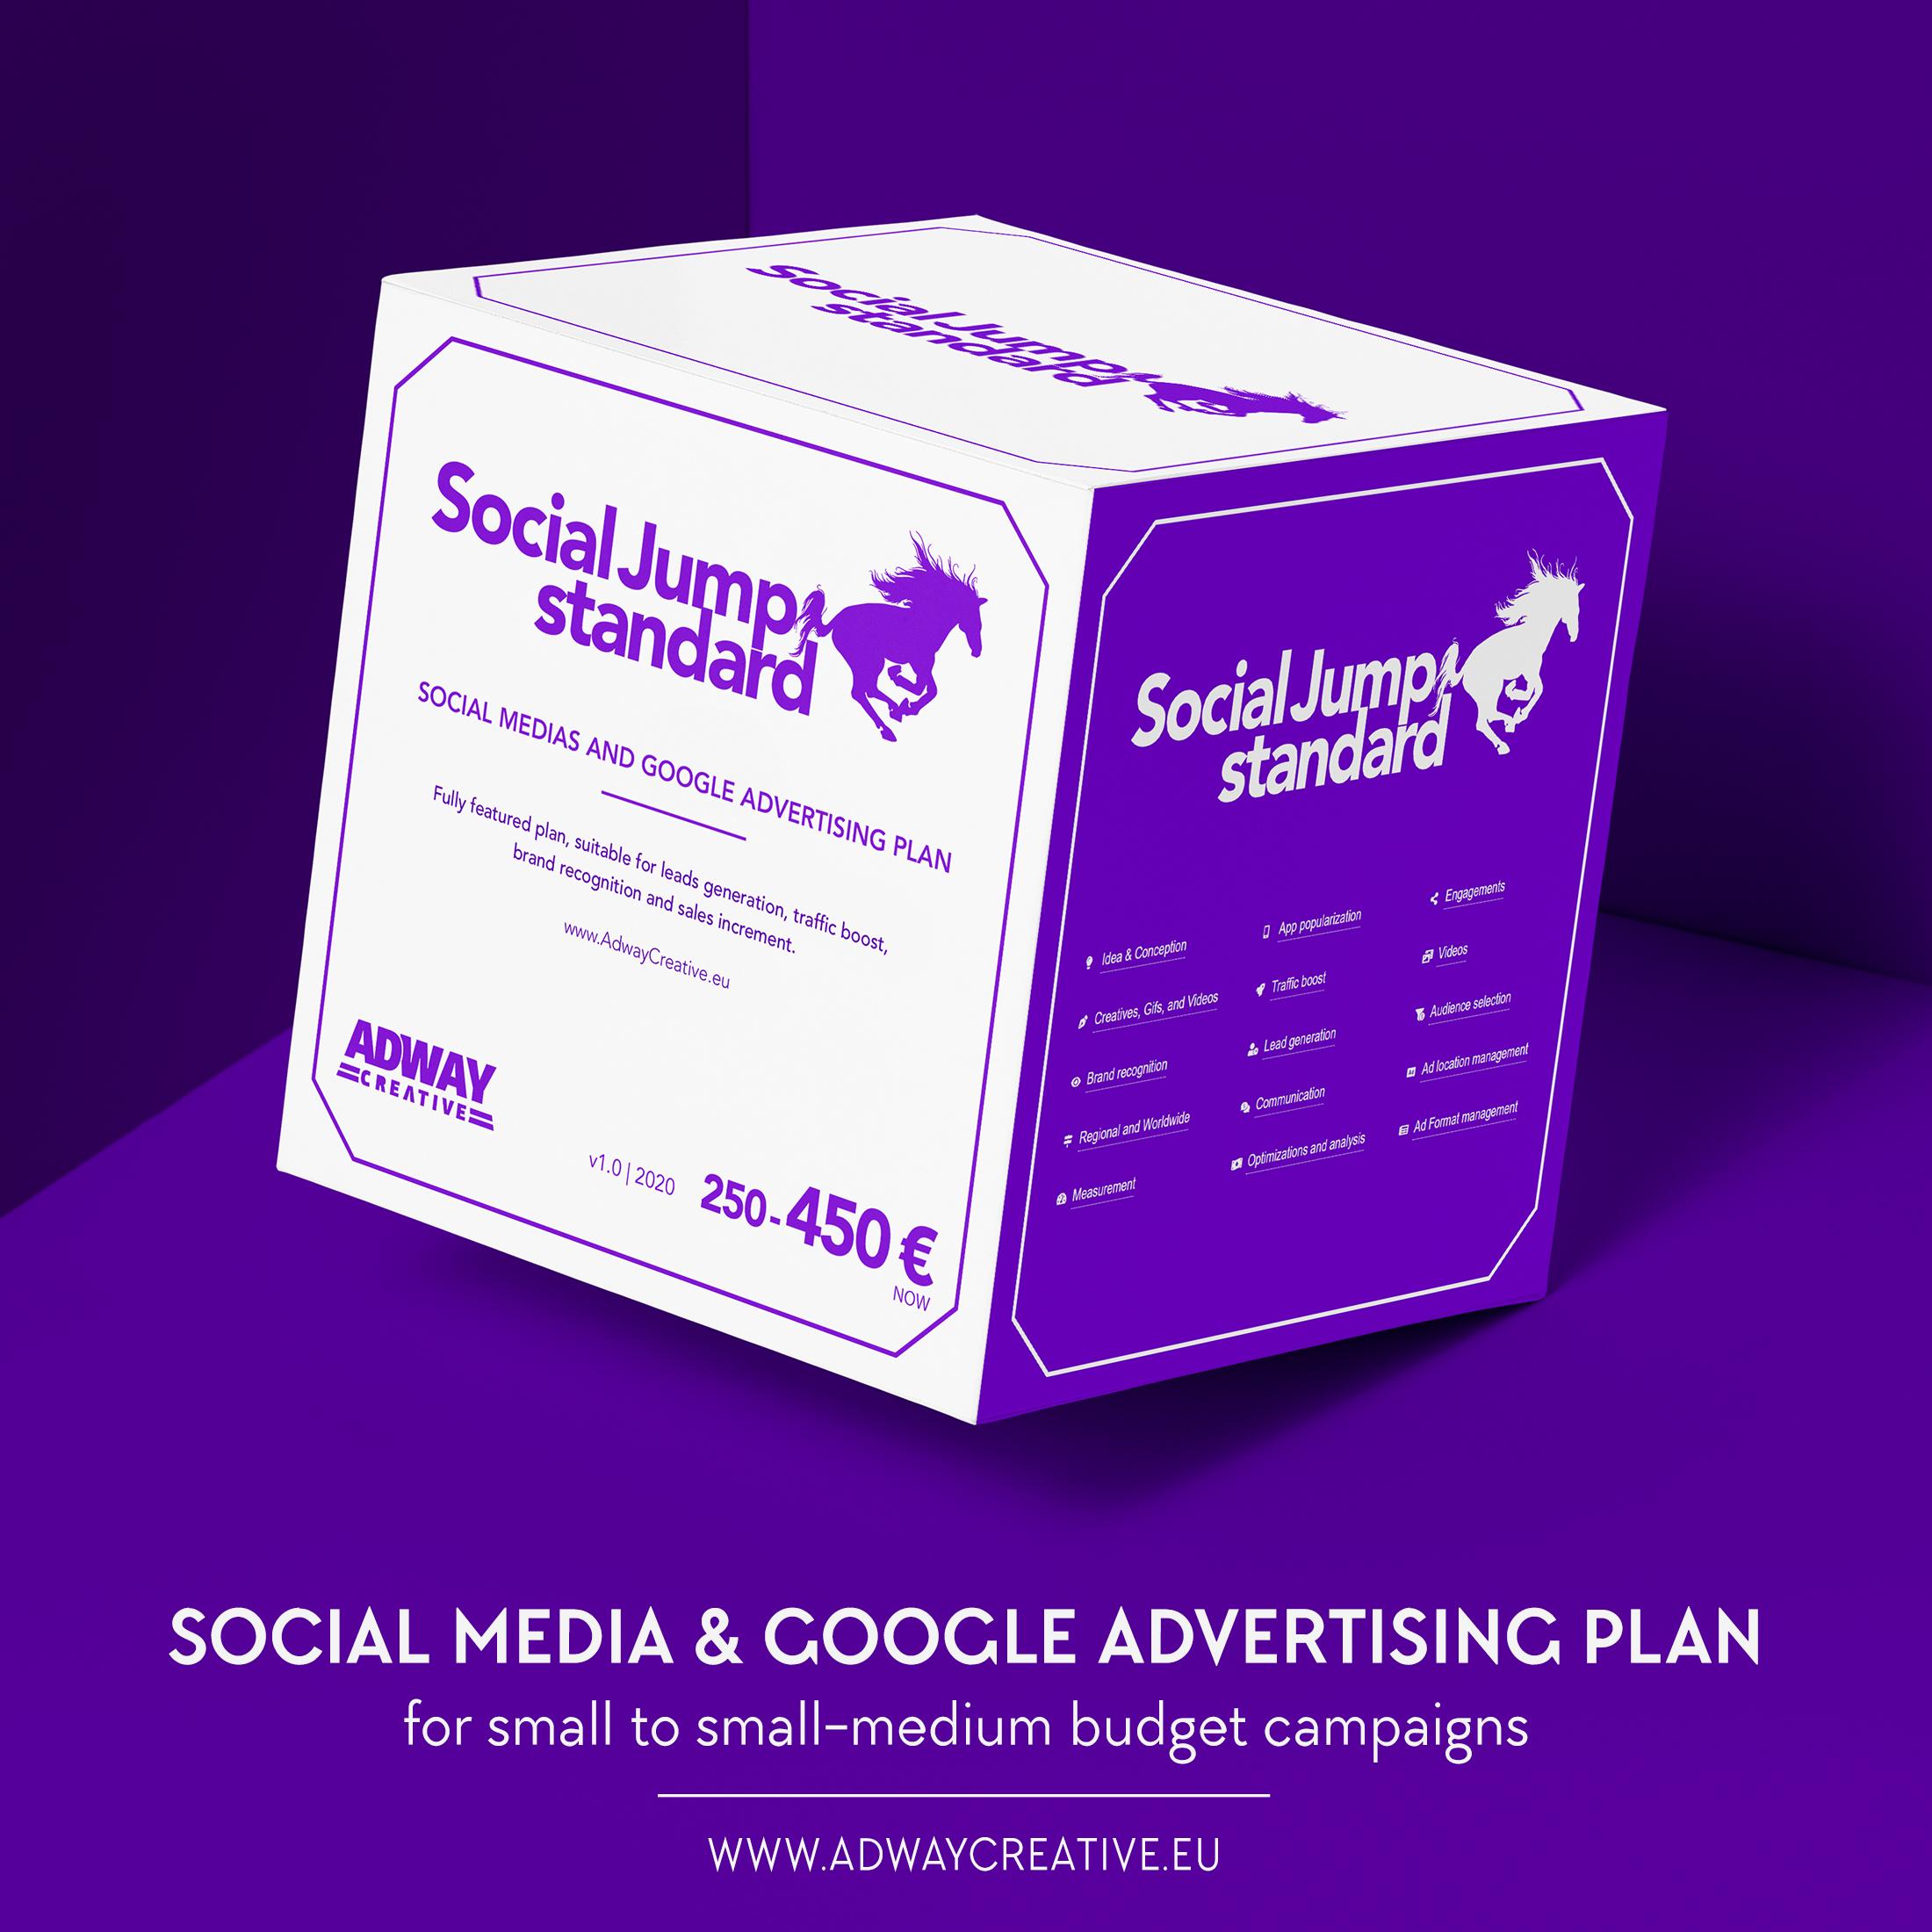 план за реклама във фейсбук и google - SJ Standard